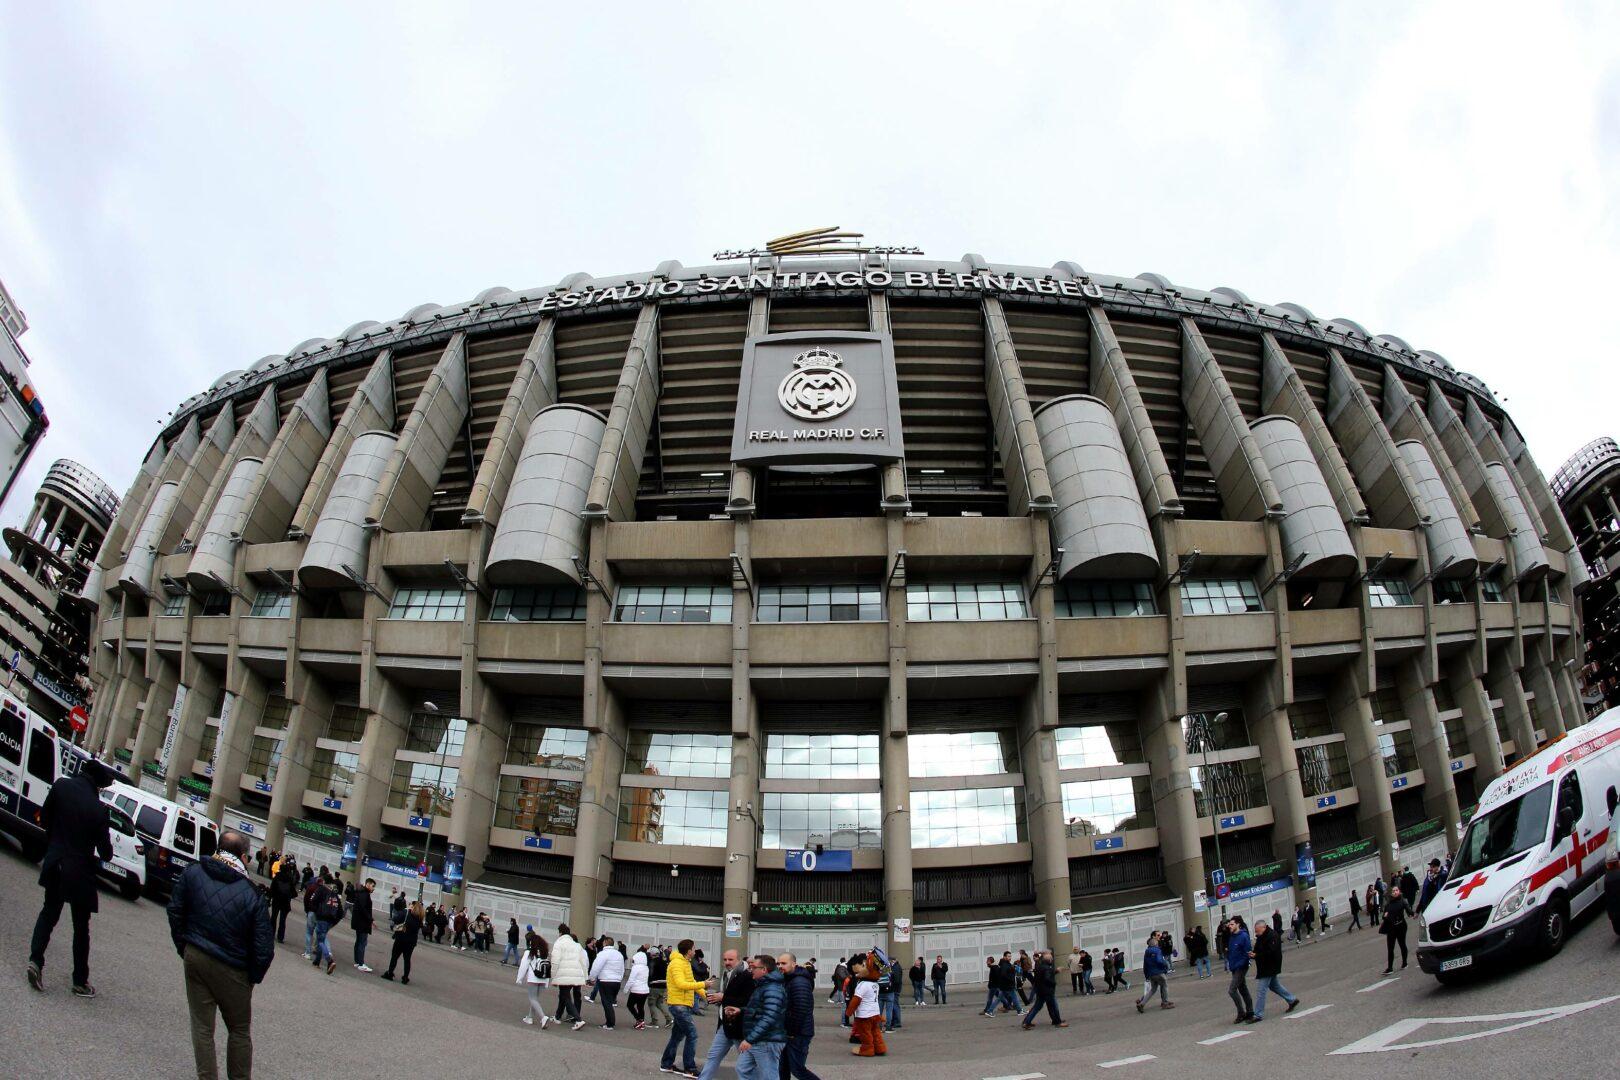 Das Stadion von Real Madrid, das Santiago Bernabeu, von Außen